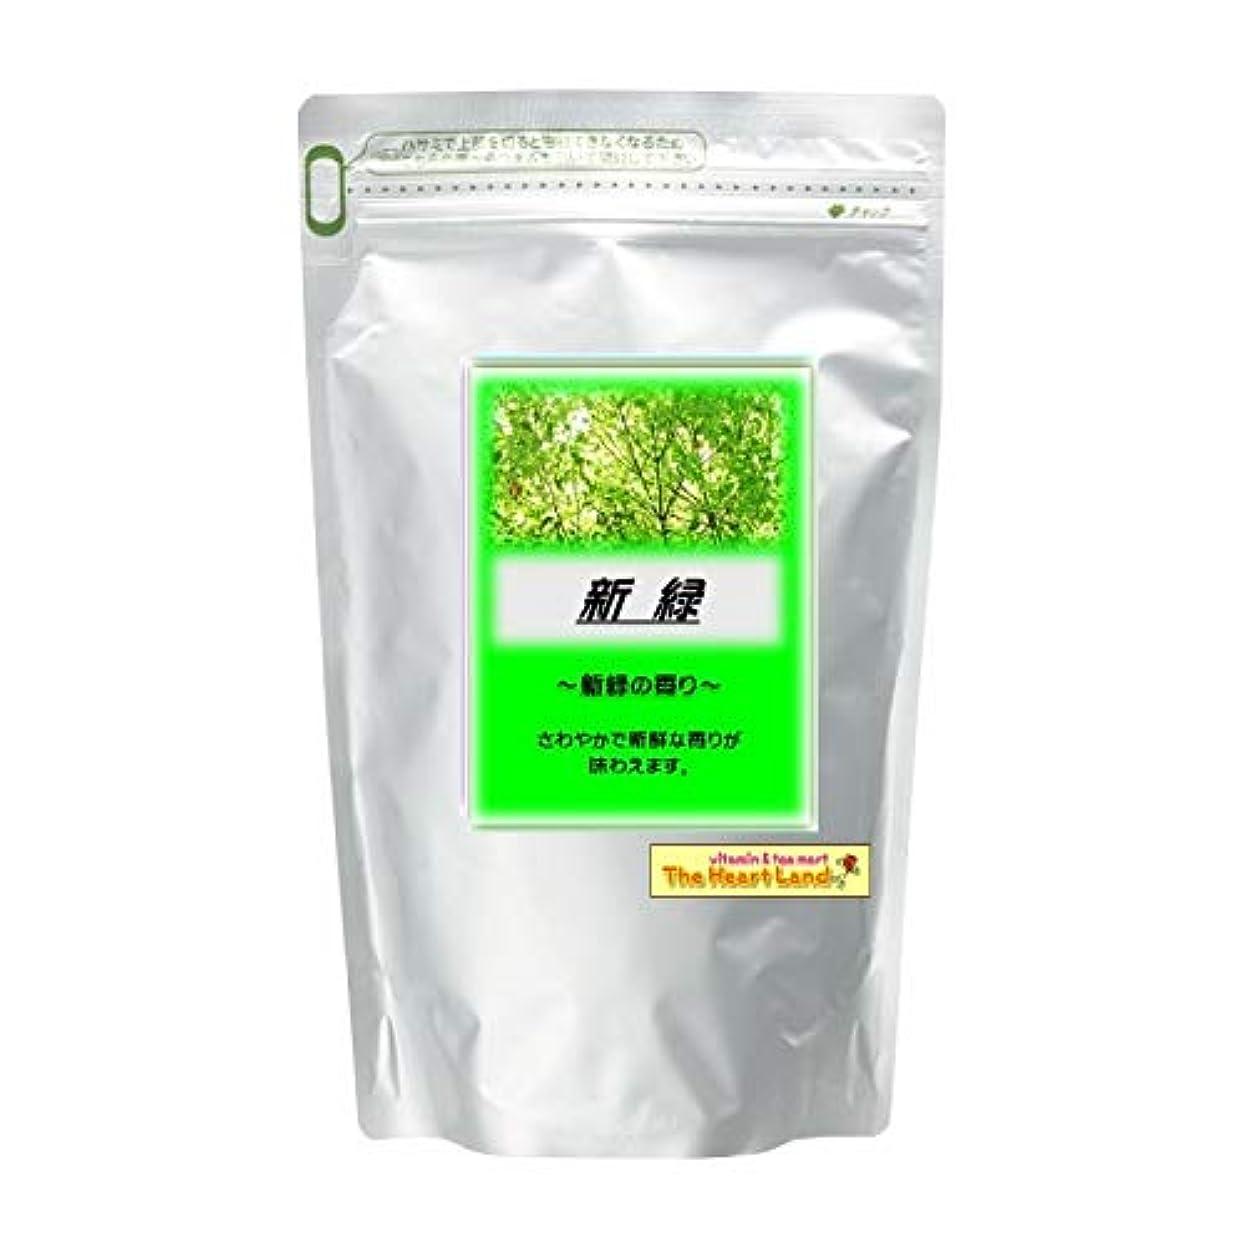 単調なテクニカルポールアサヒ入浴剤 浴用入浴化粧品 新緑 2.5kg